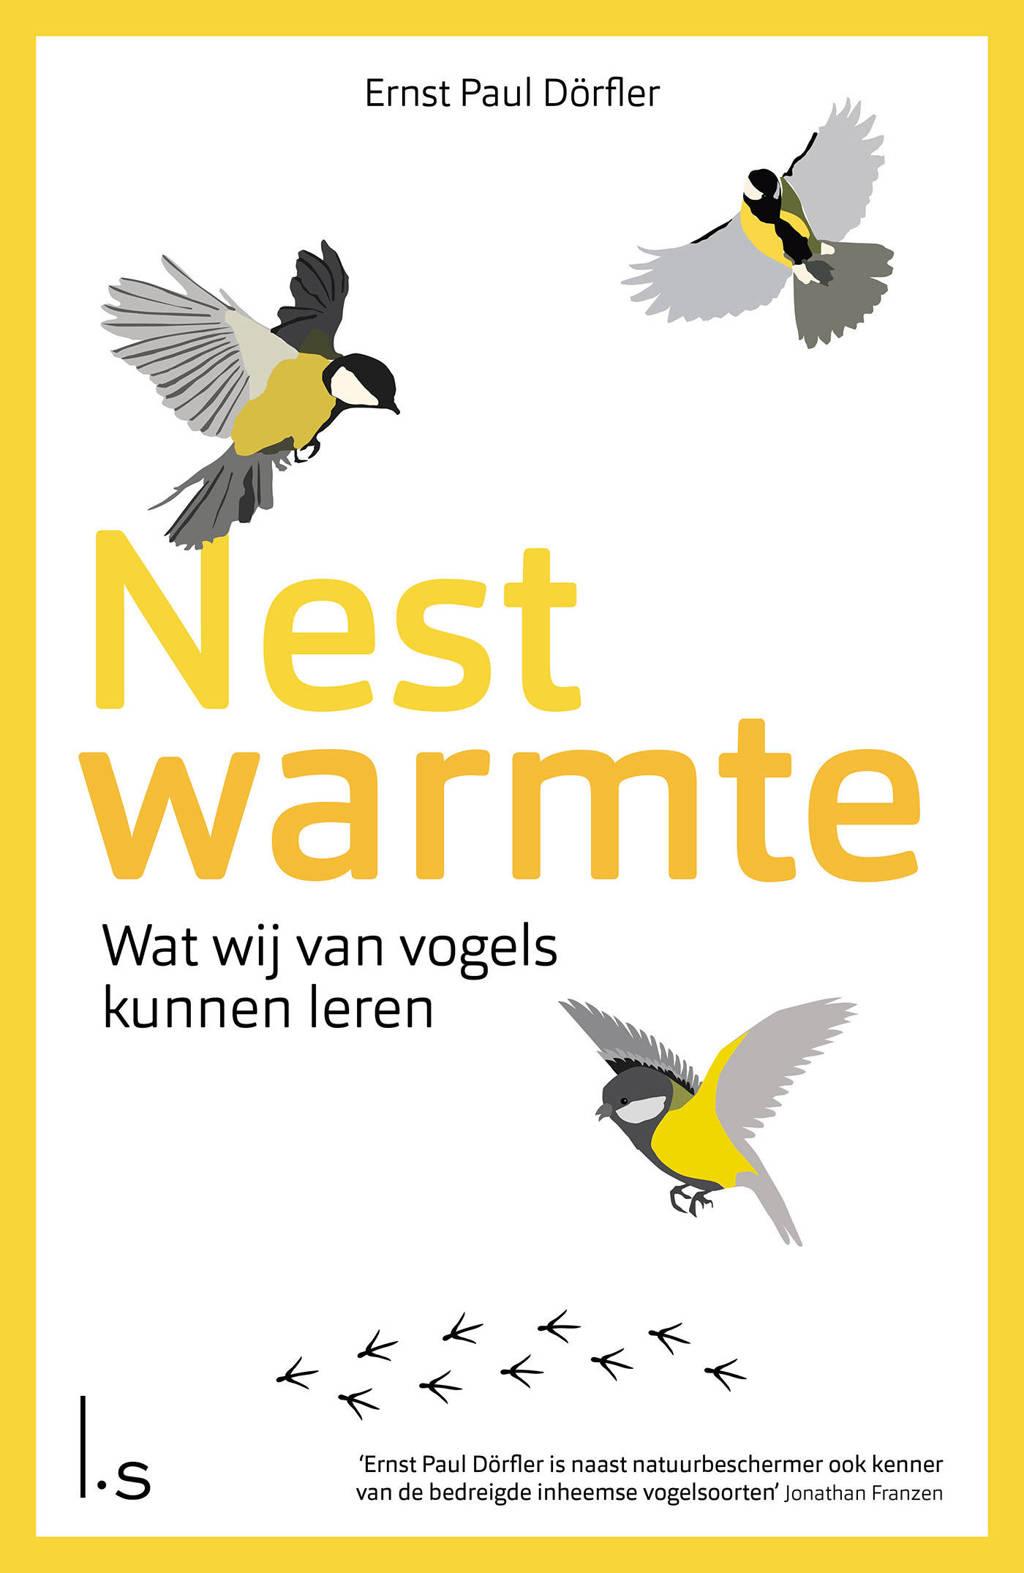 Nestwarmte - Ernst Paul Dörfler